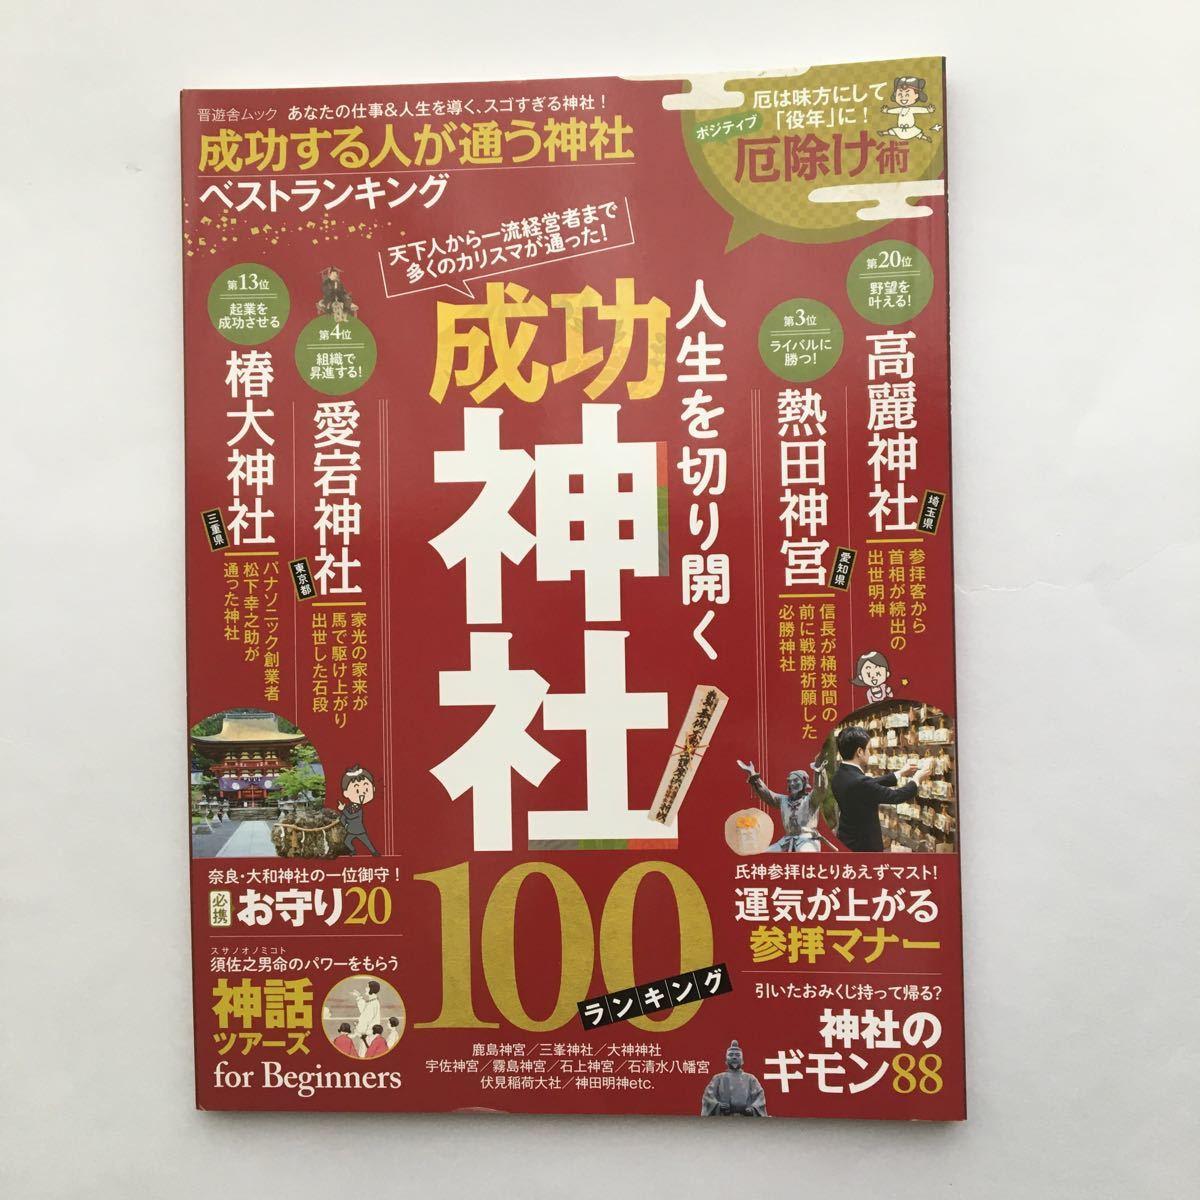 人生を切り開く 成功神社100  成功する人が通う神社ベストランキング